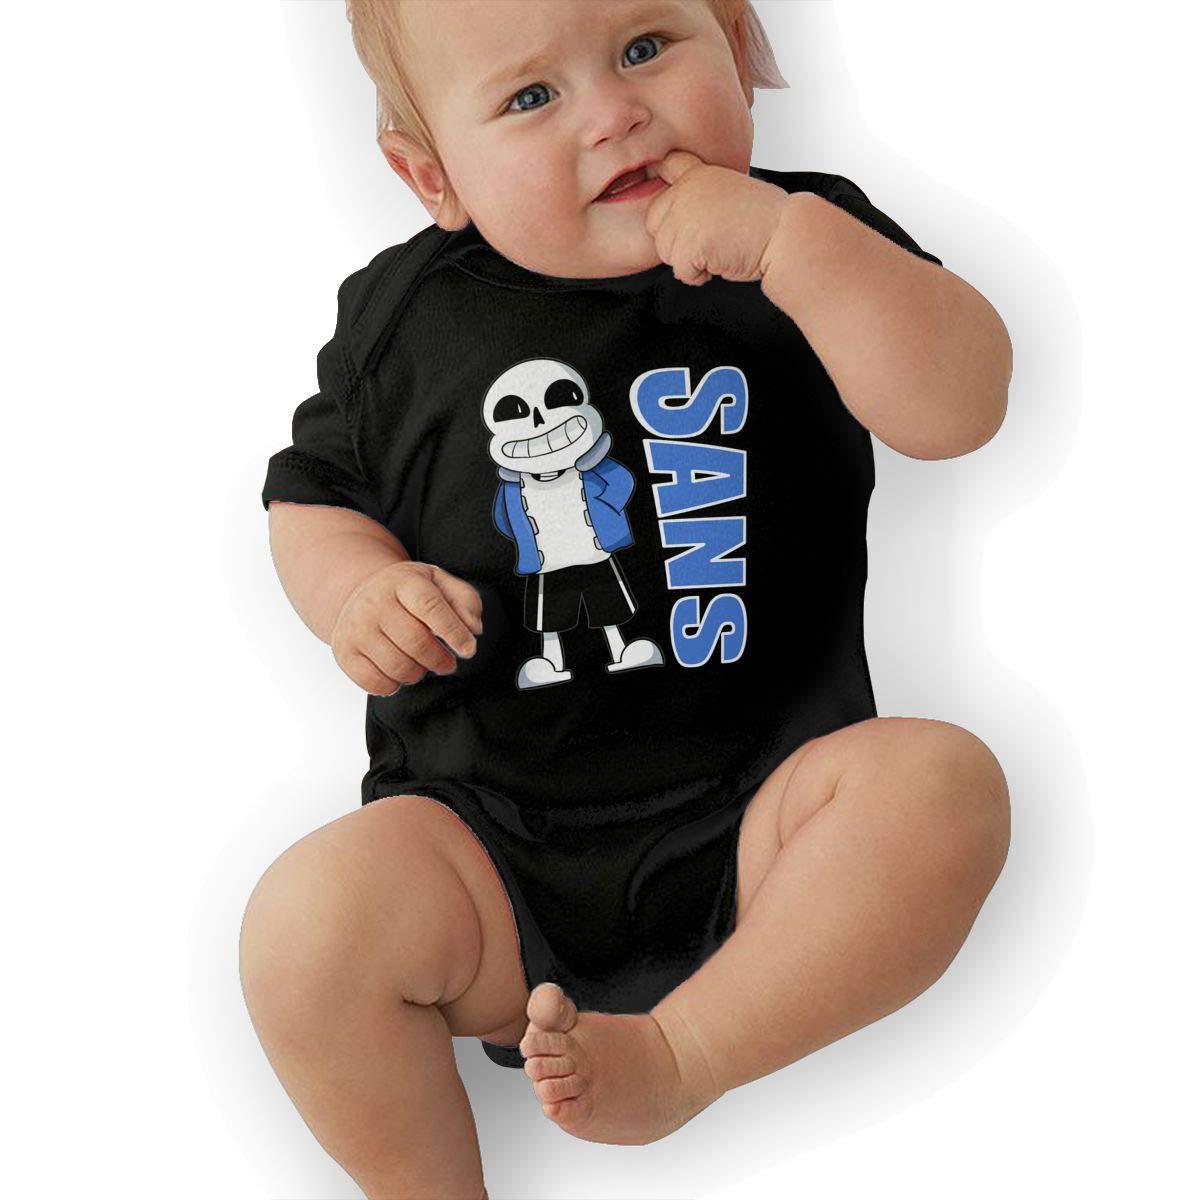 LuckyTagy Undertale Sans Unisex Fashion Newborn Baby Romper Baby BoyVest Black